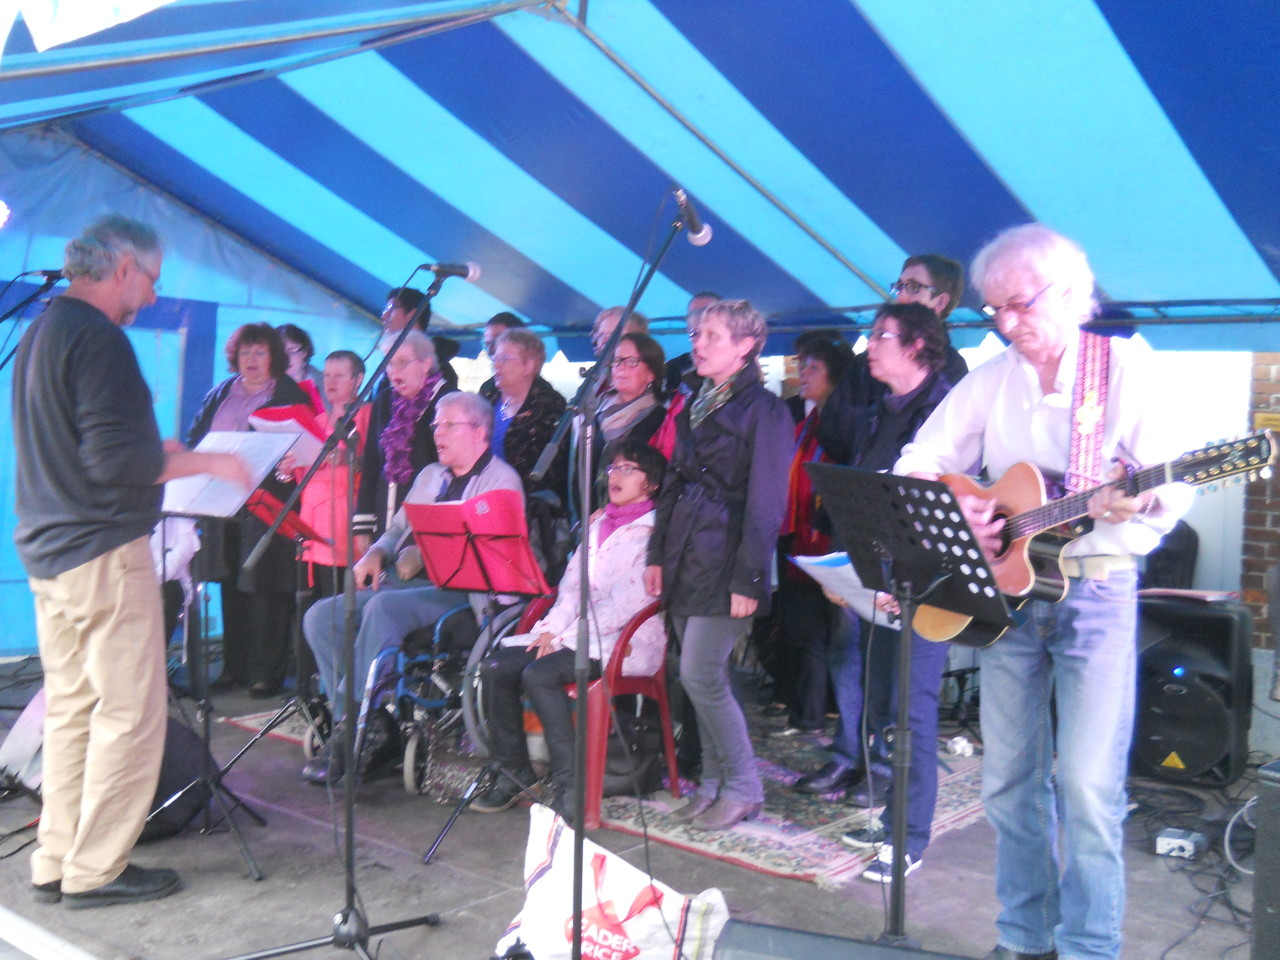 Concert de la Fête de la Musique le 21 Juin 2013 à Tarbes